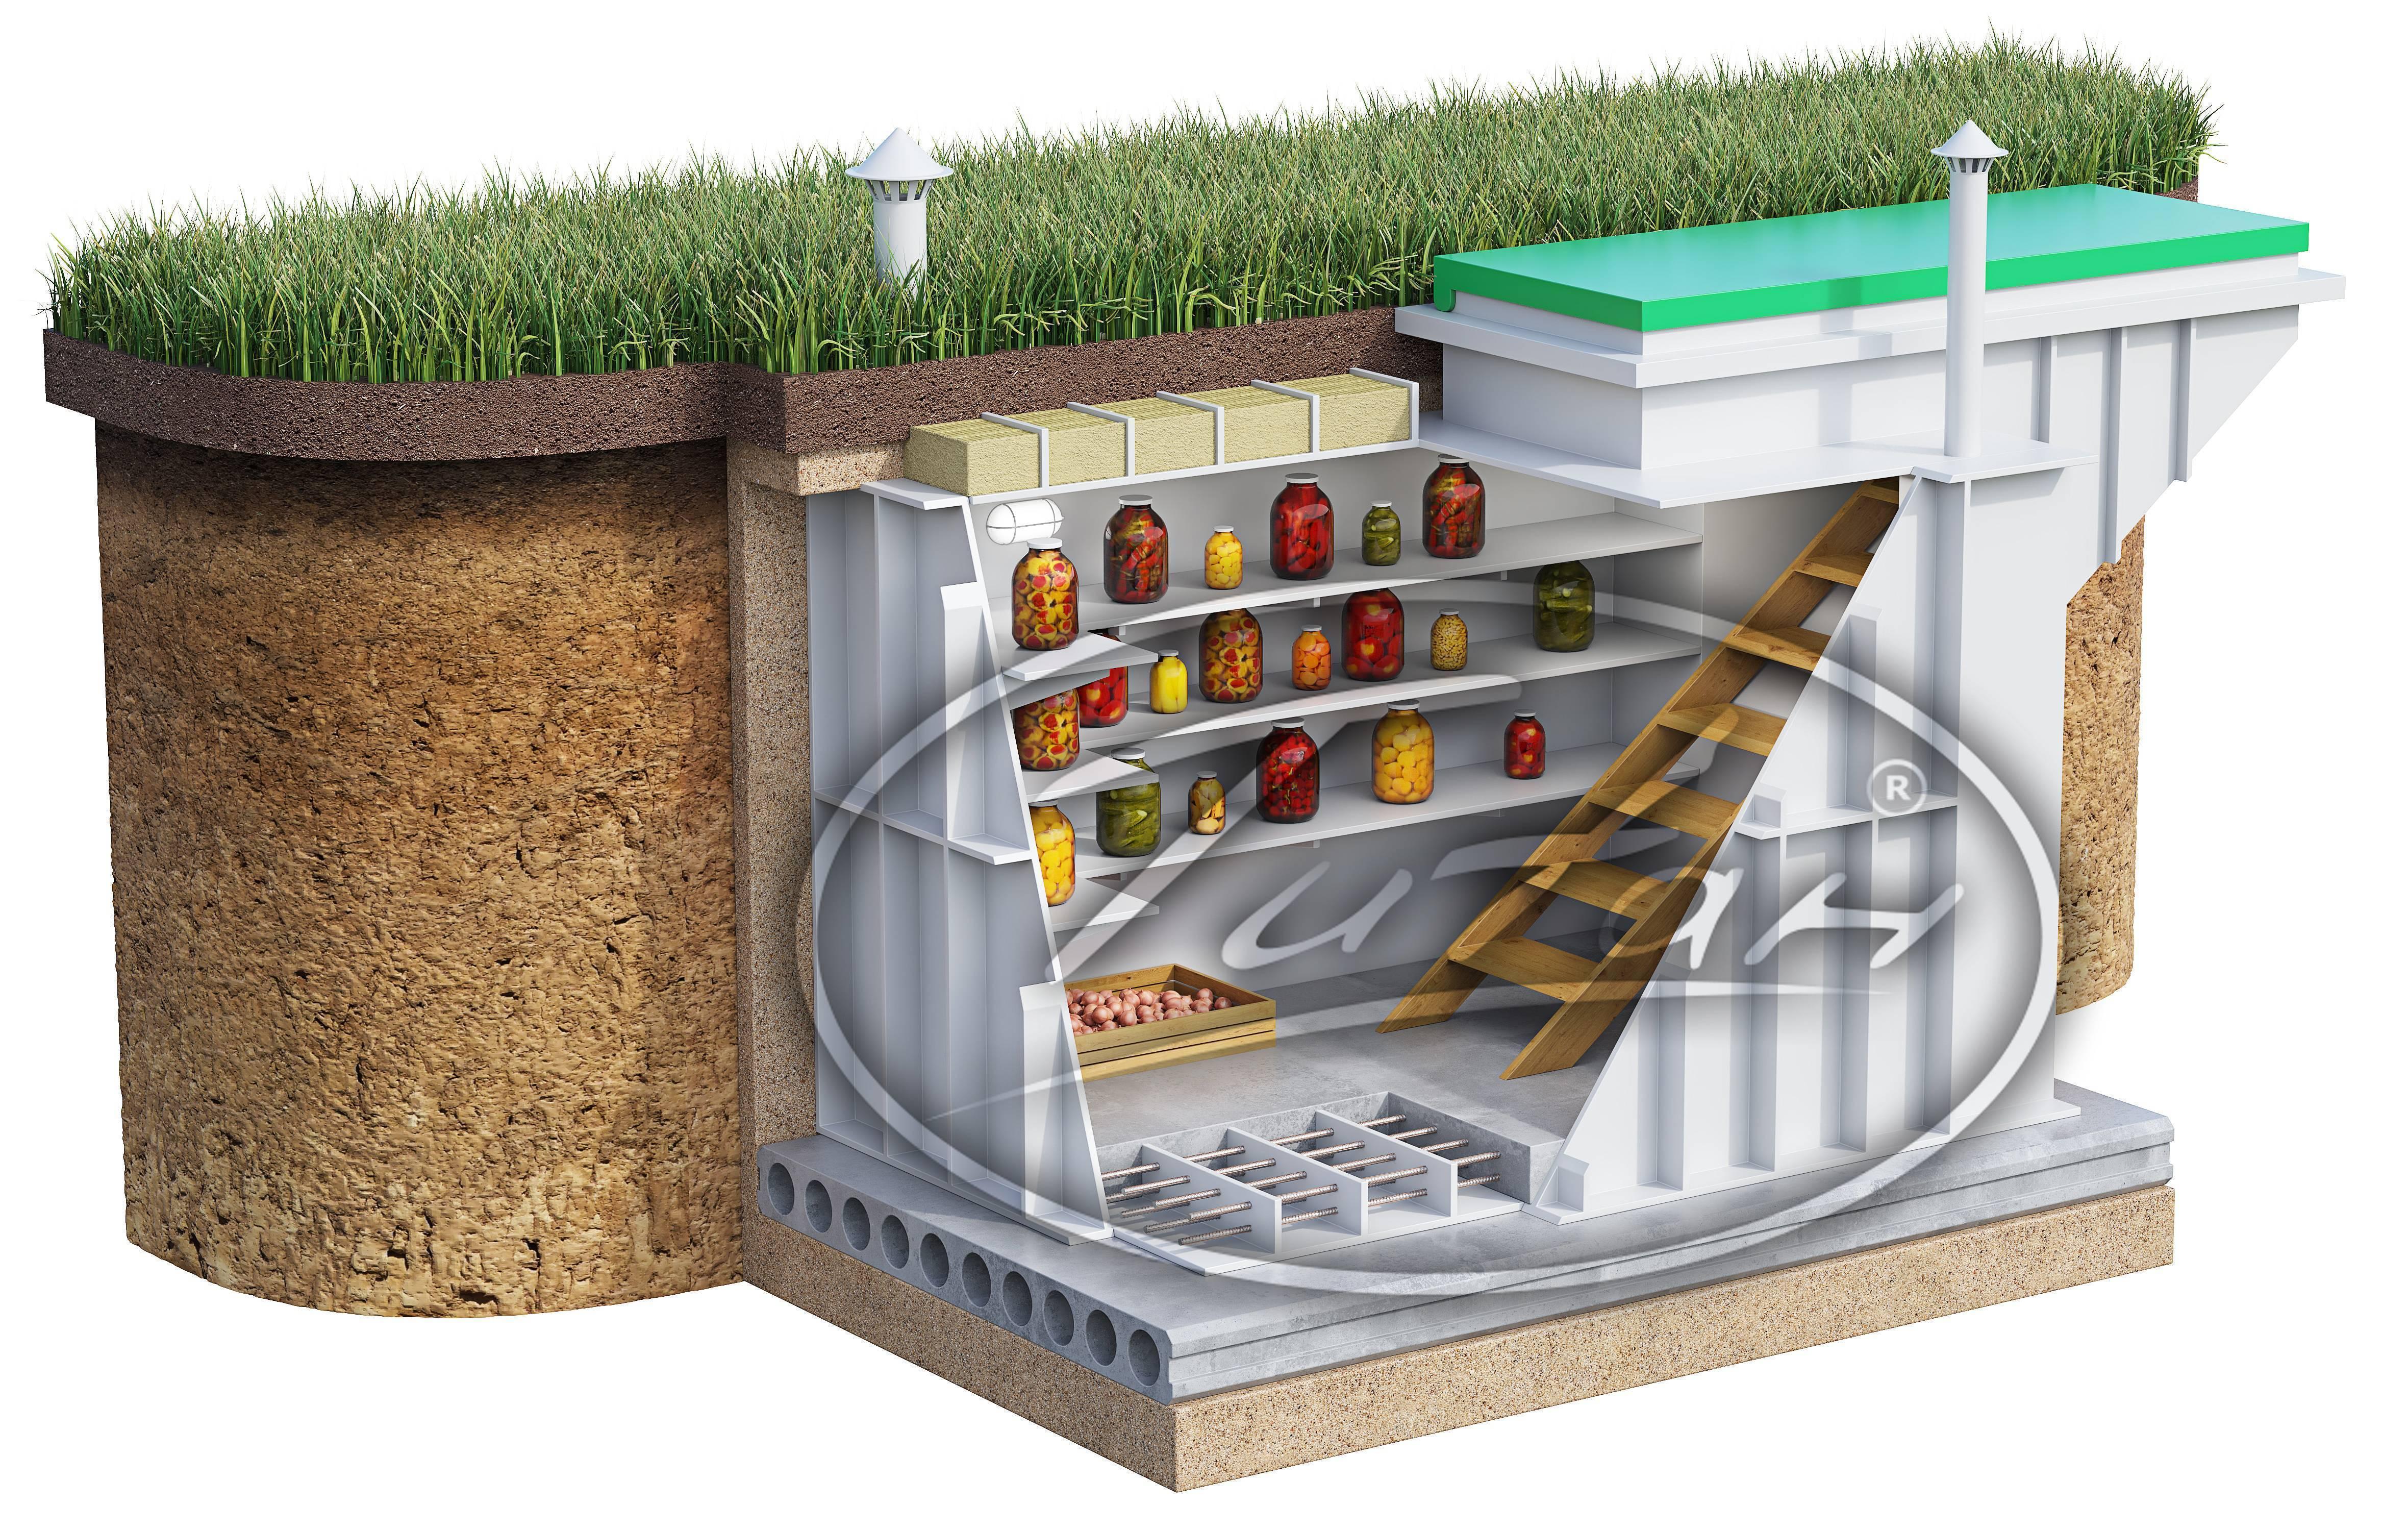 Какой погреб выбрать: металлический, пластиковый или бетонный